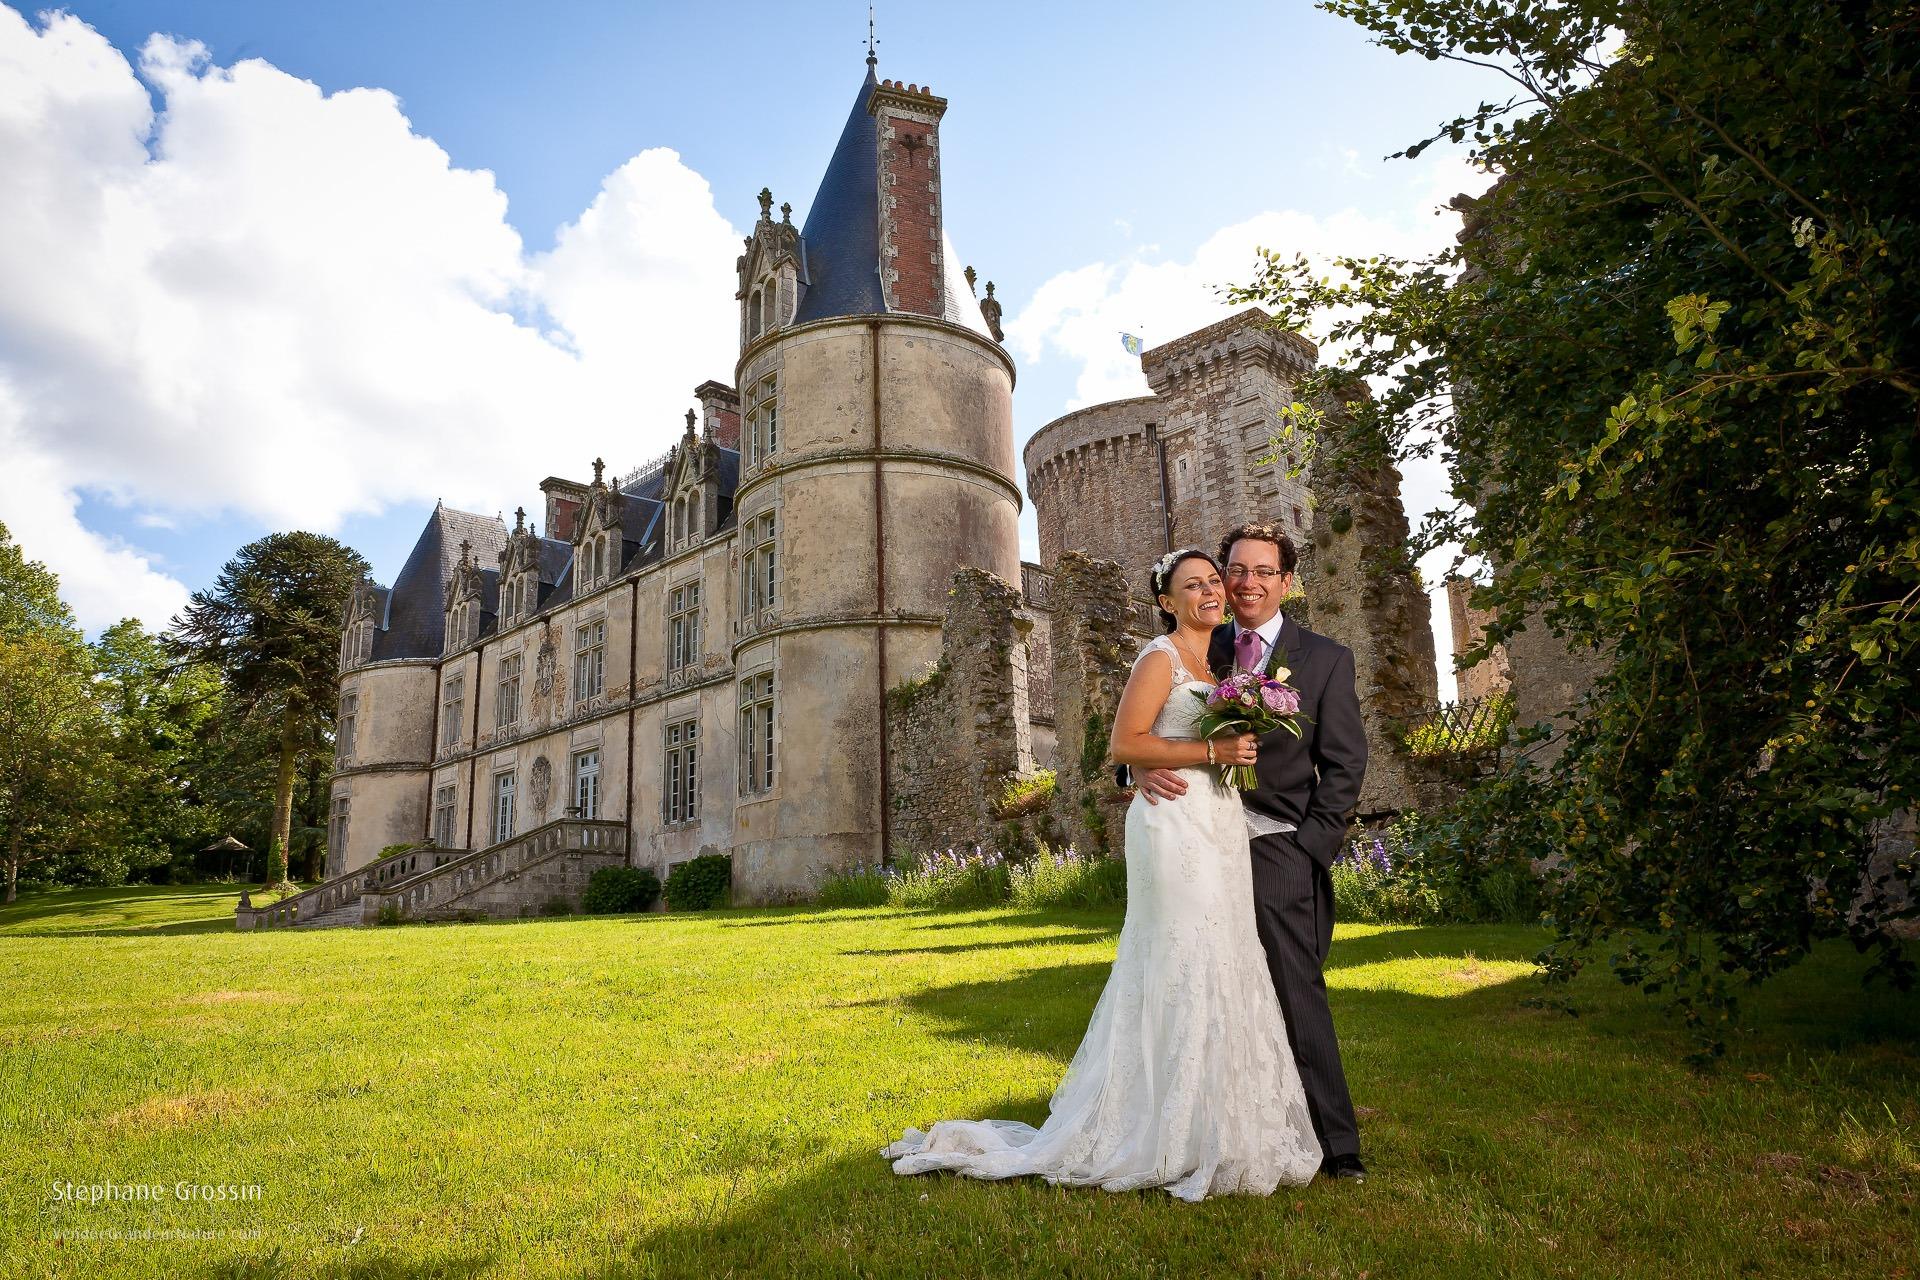 Photographier les poses officielles des mariés – 1